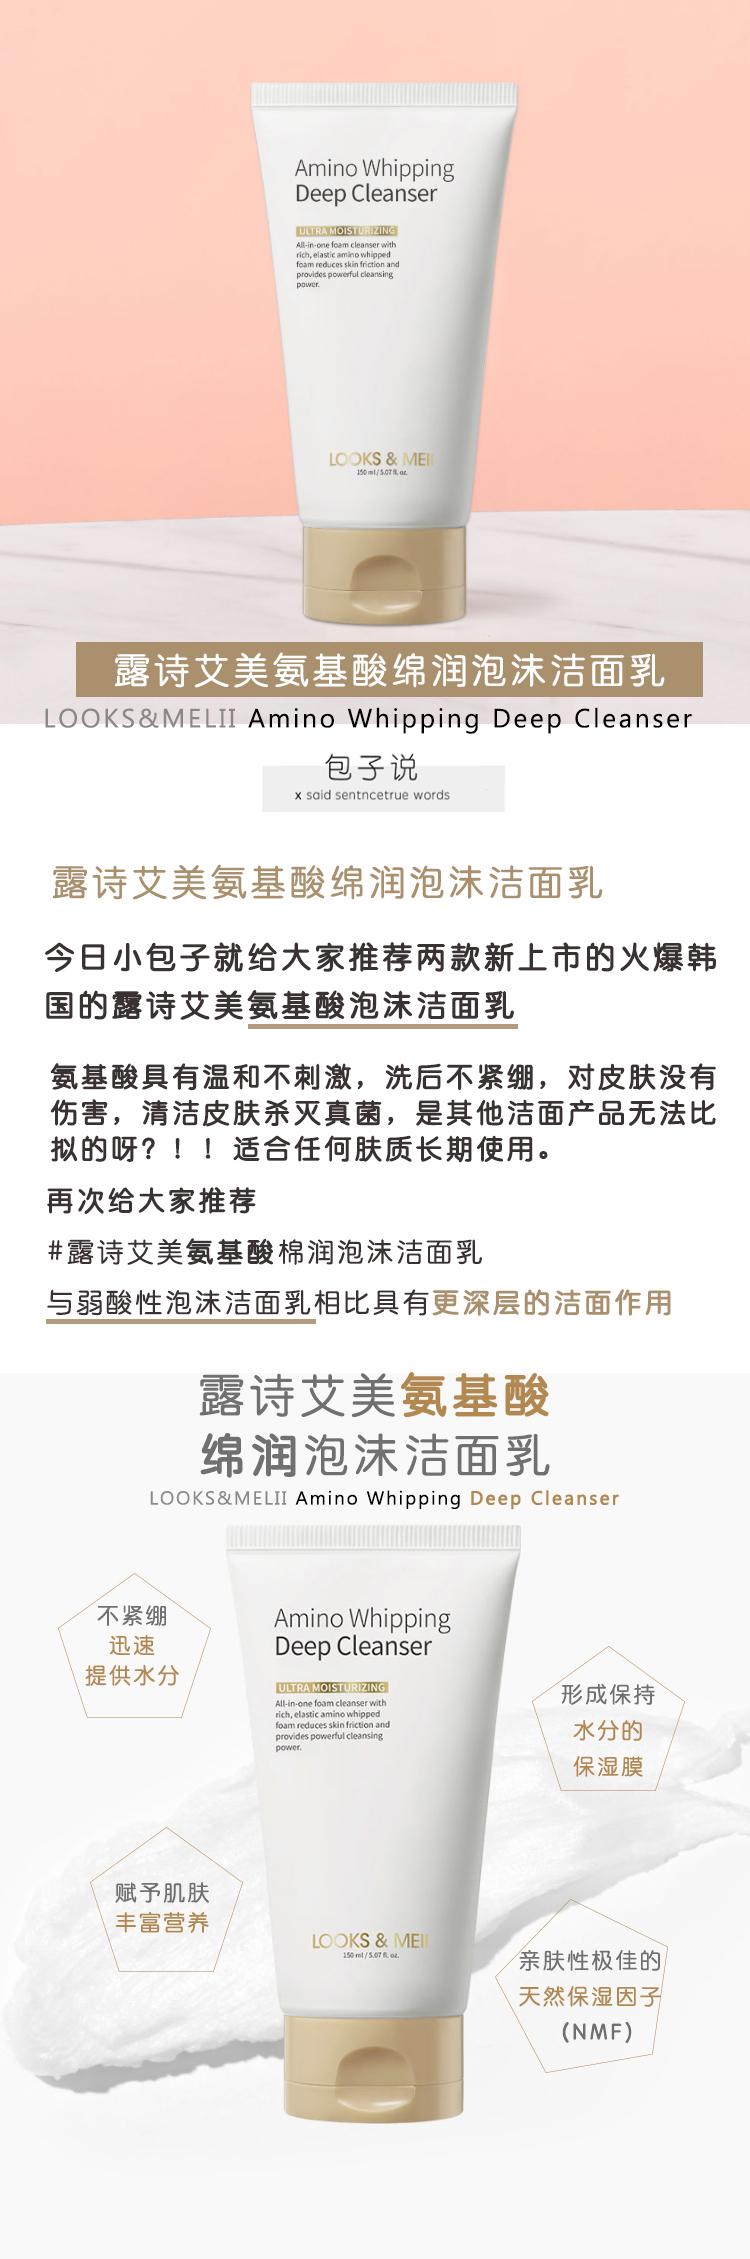 平台接单设计师作品展示2020年10月12日更新